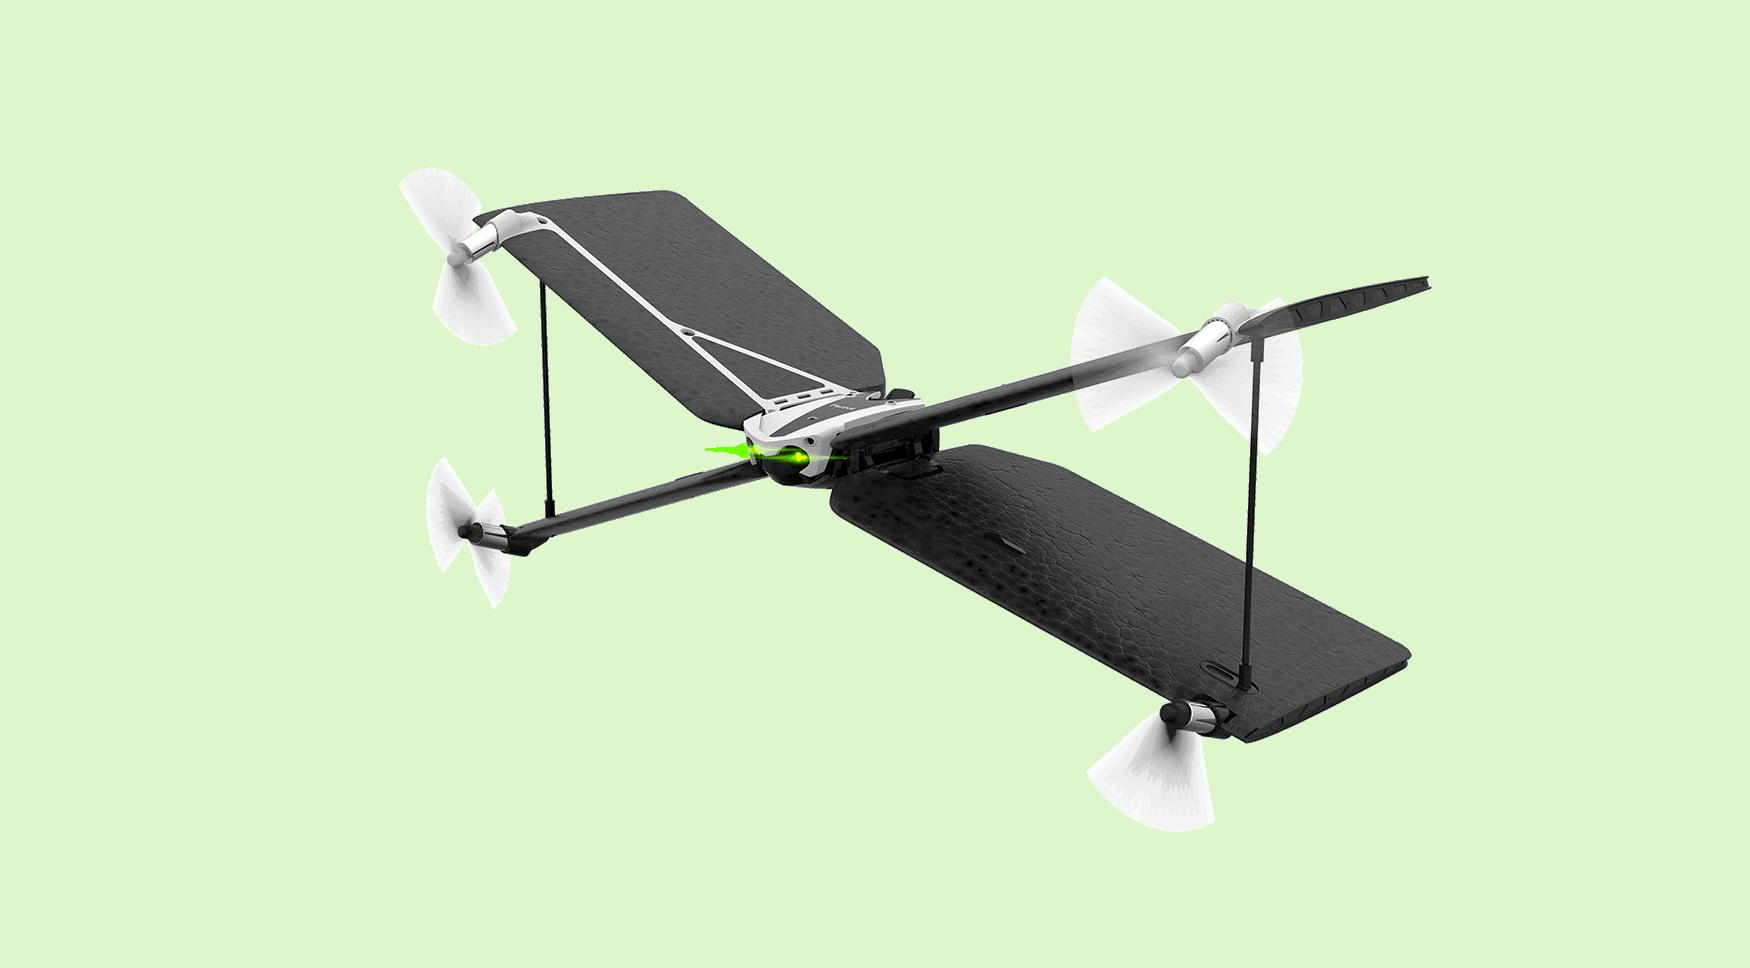 parrot-swing-drone